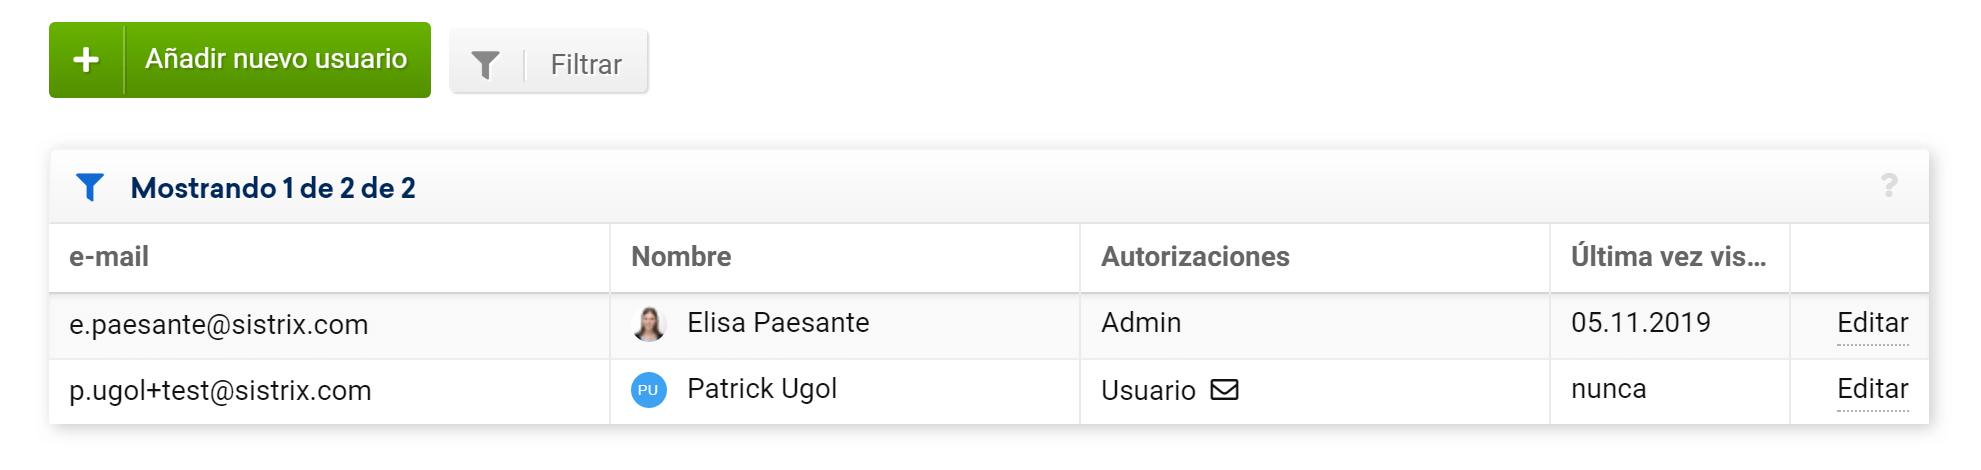 Gestión de usuarios